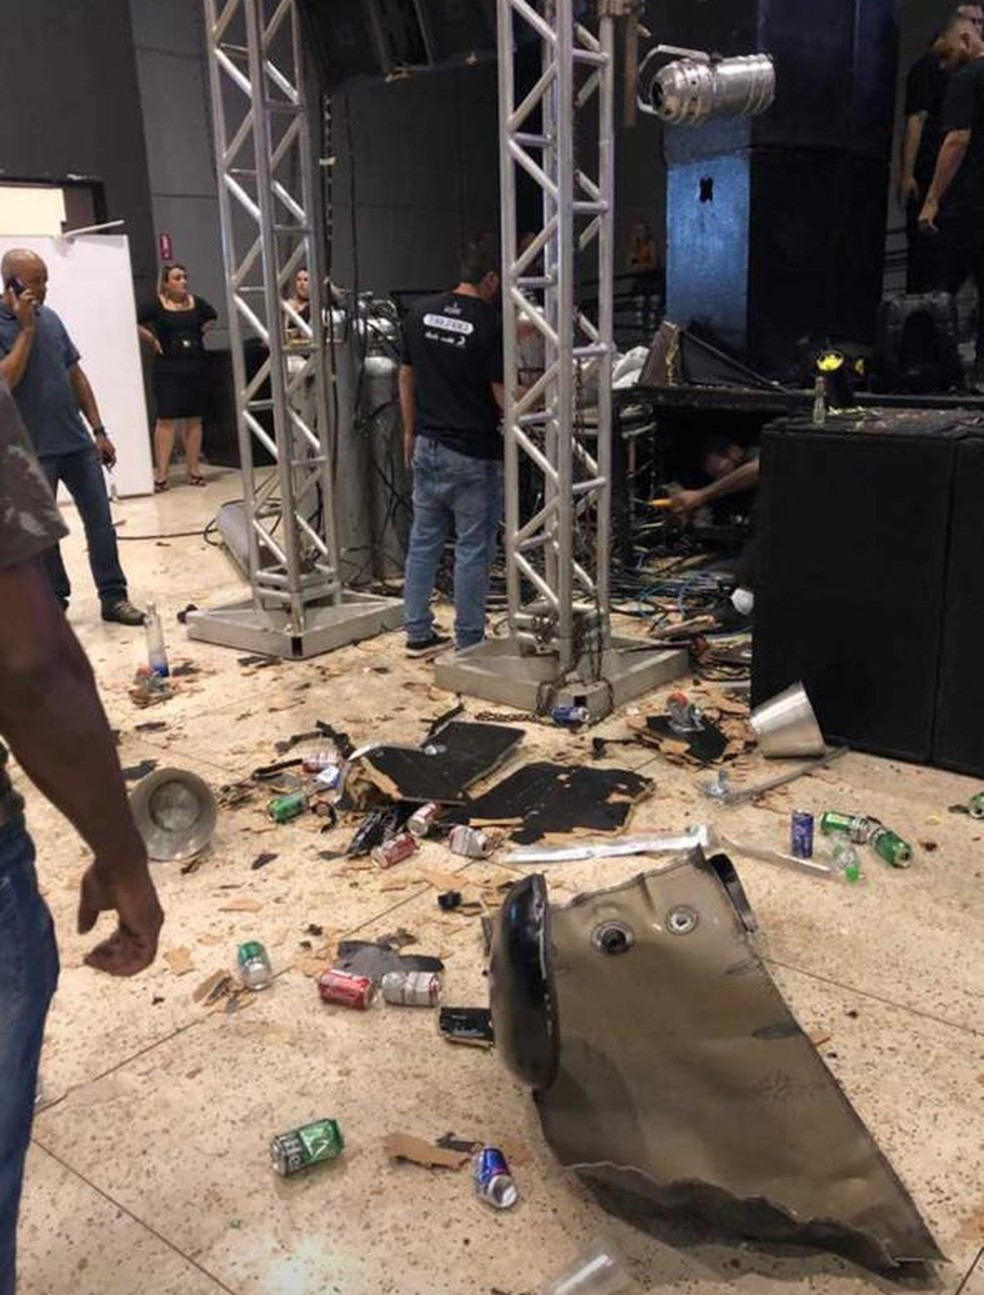 Cilindro de gás carbônico explodiu durante apresentação de DJ em Indaiatuba — Foto: Reprodução/Instagram